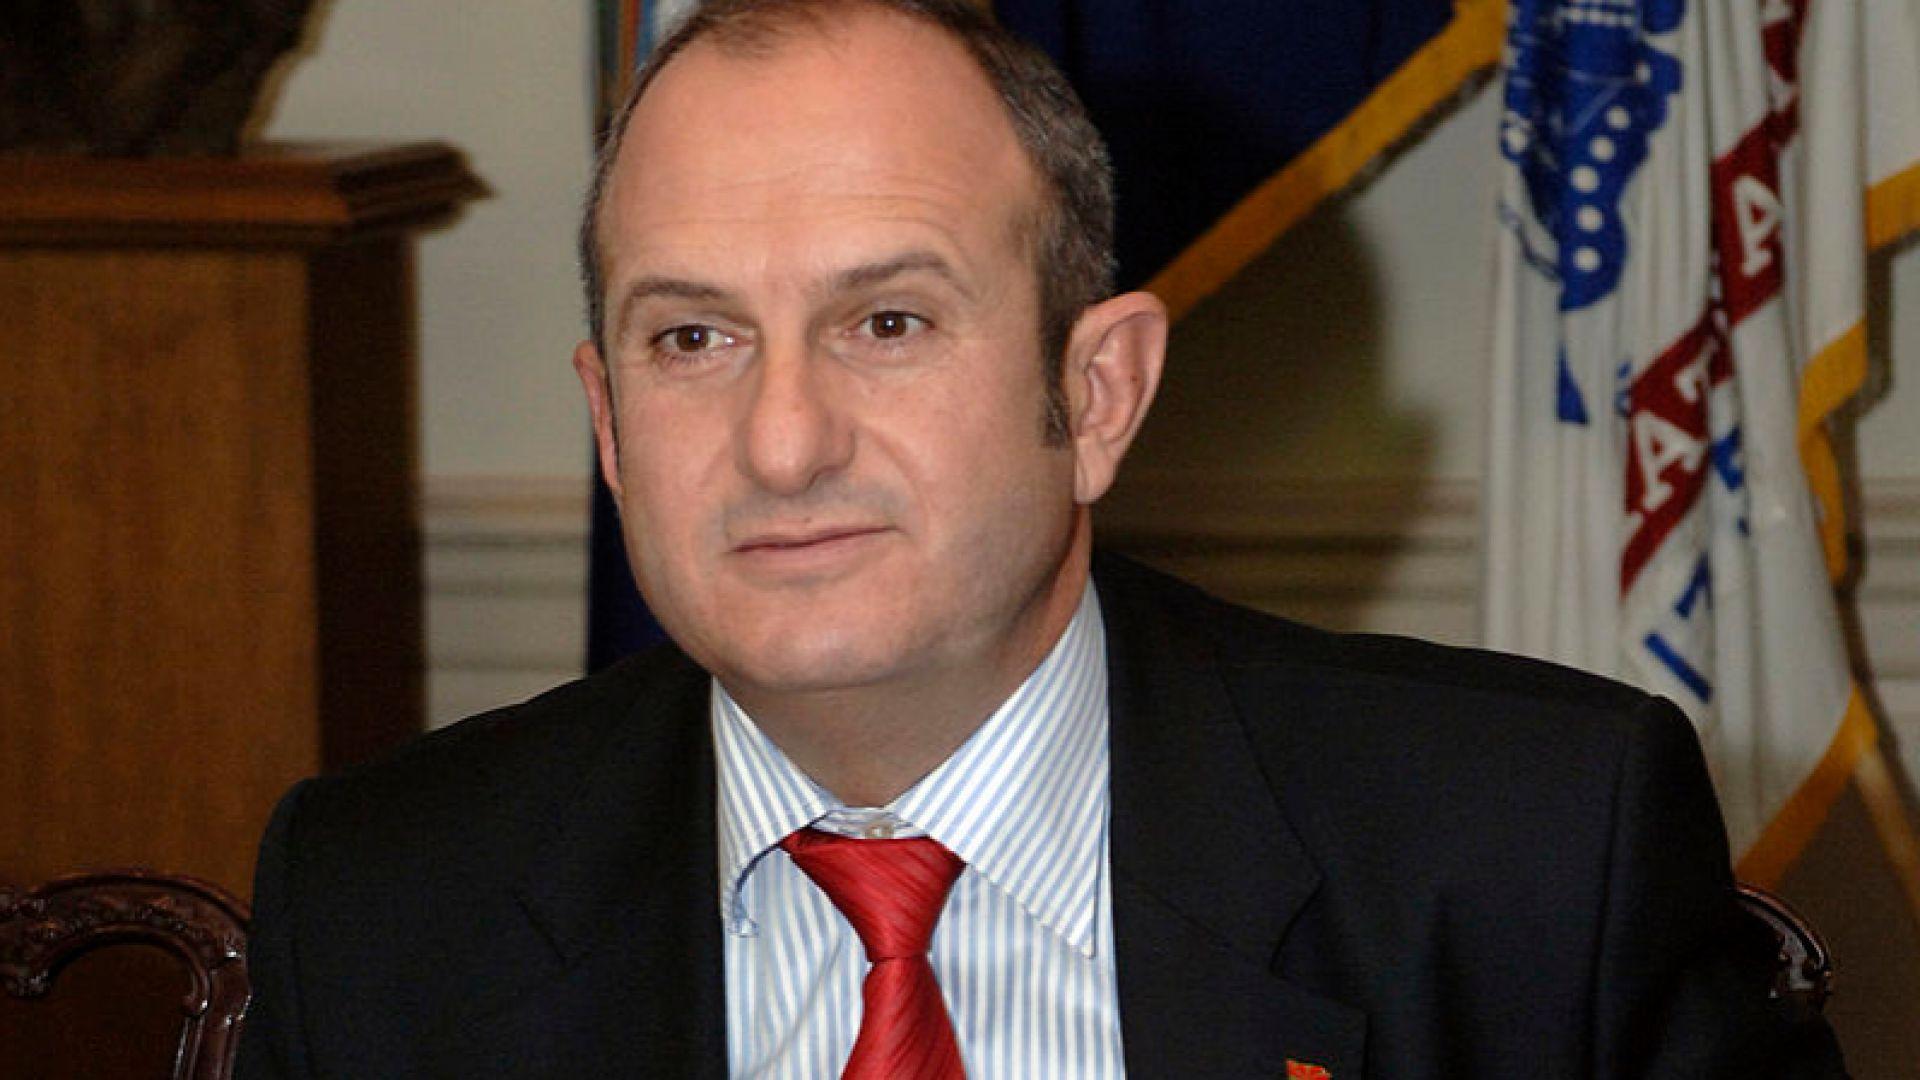 Владо Бучковски: Руското влияниe, но и политическа конюнктура пречат за сближаването на София и Скопие